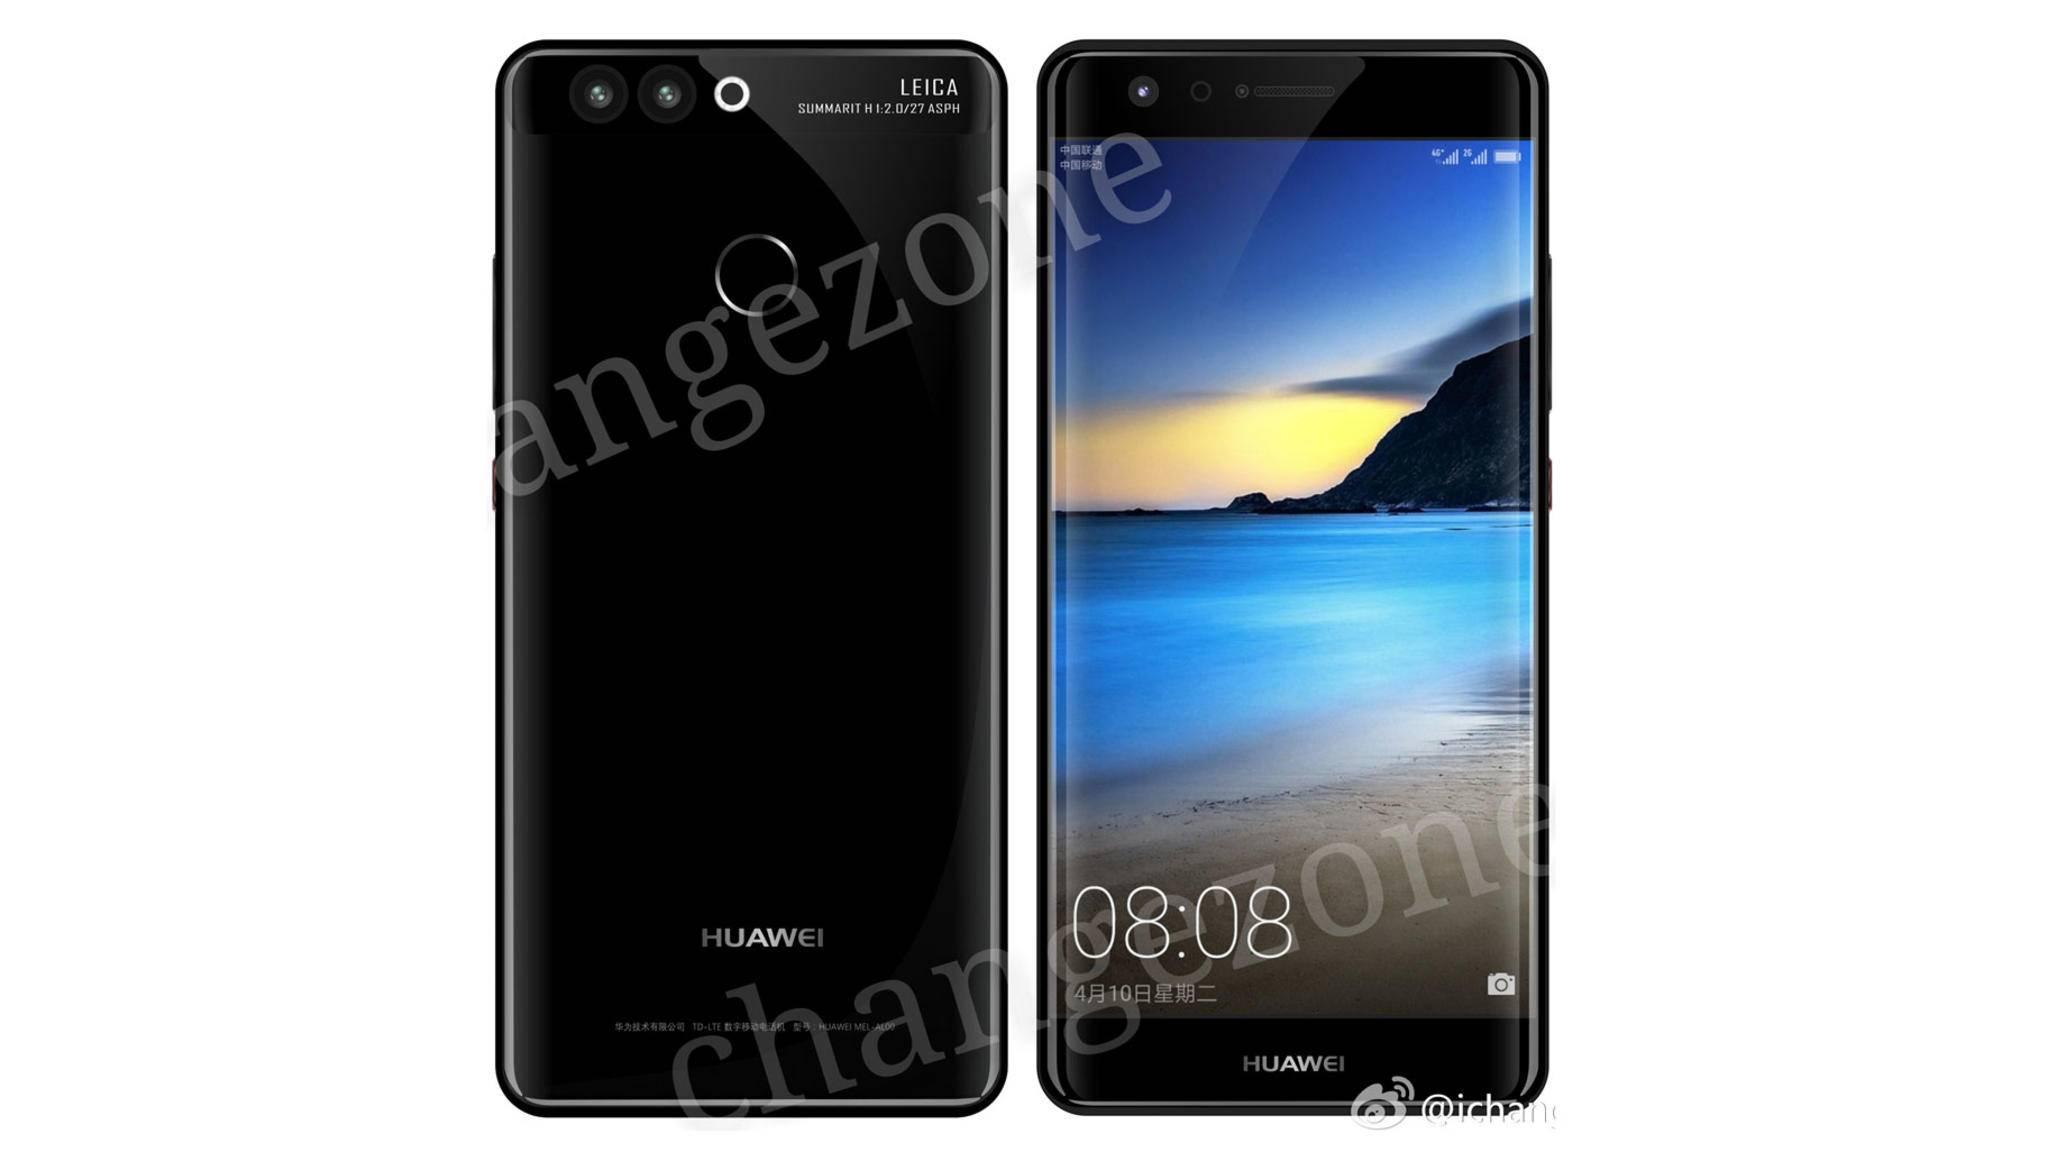 Das Huawei P10 soll anscheinend wirklich einen Dual-Curved-Screen bekommen.